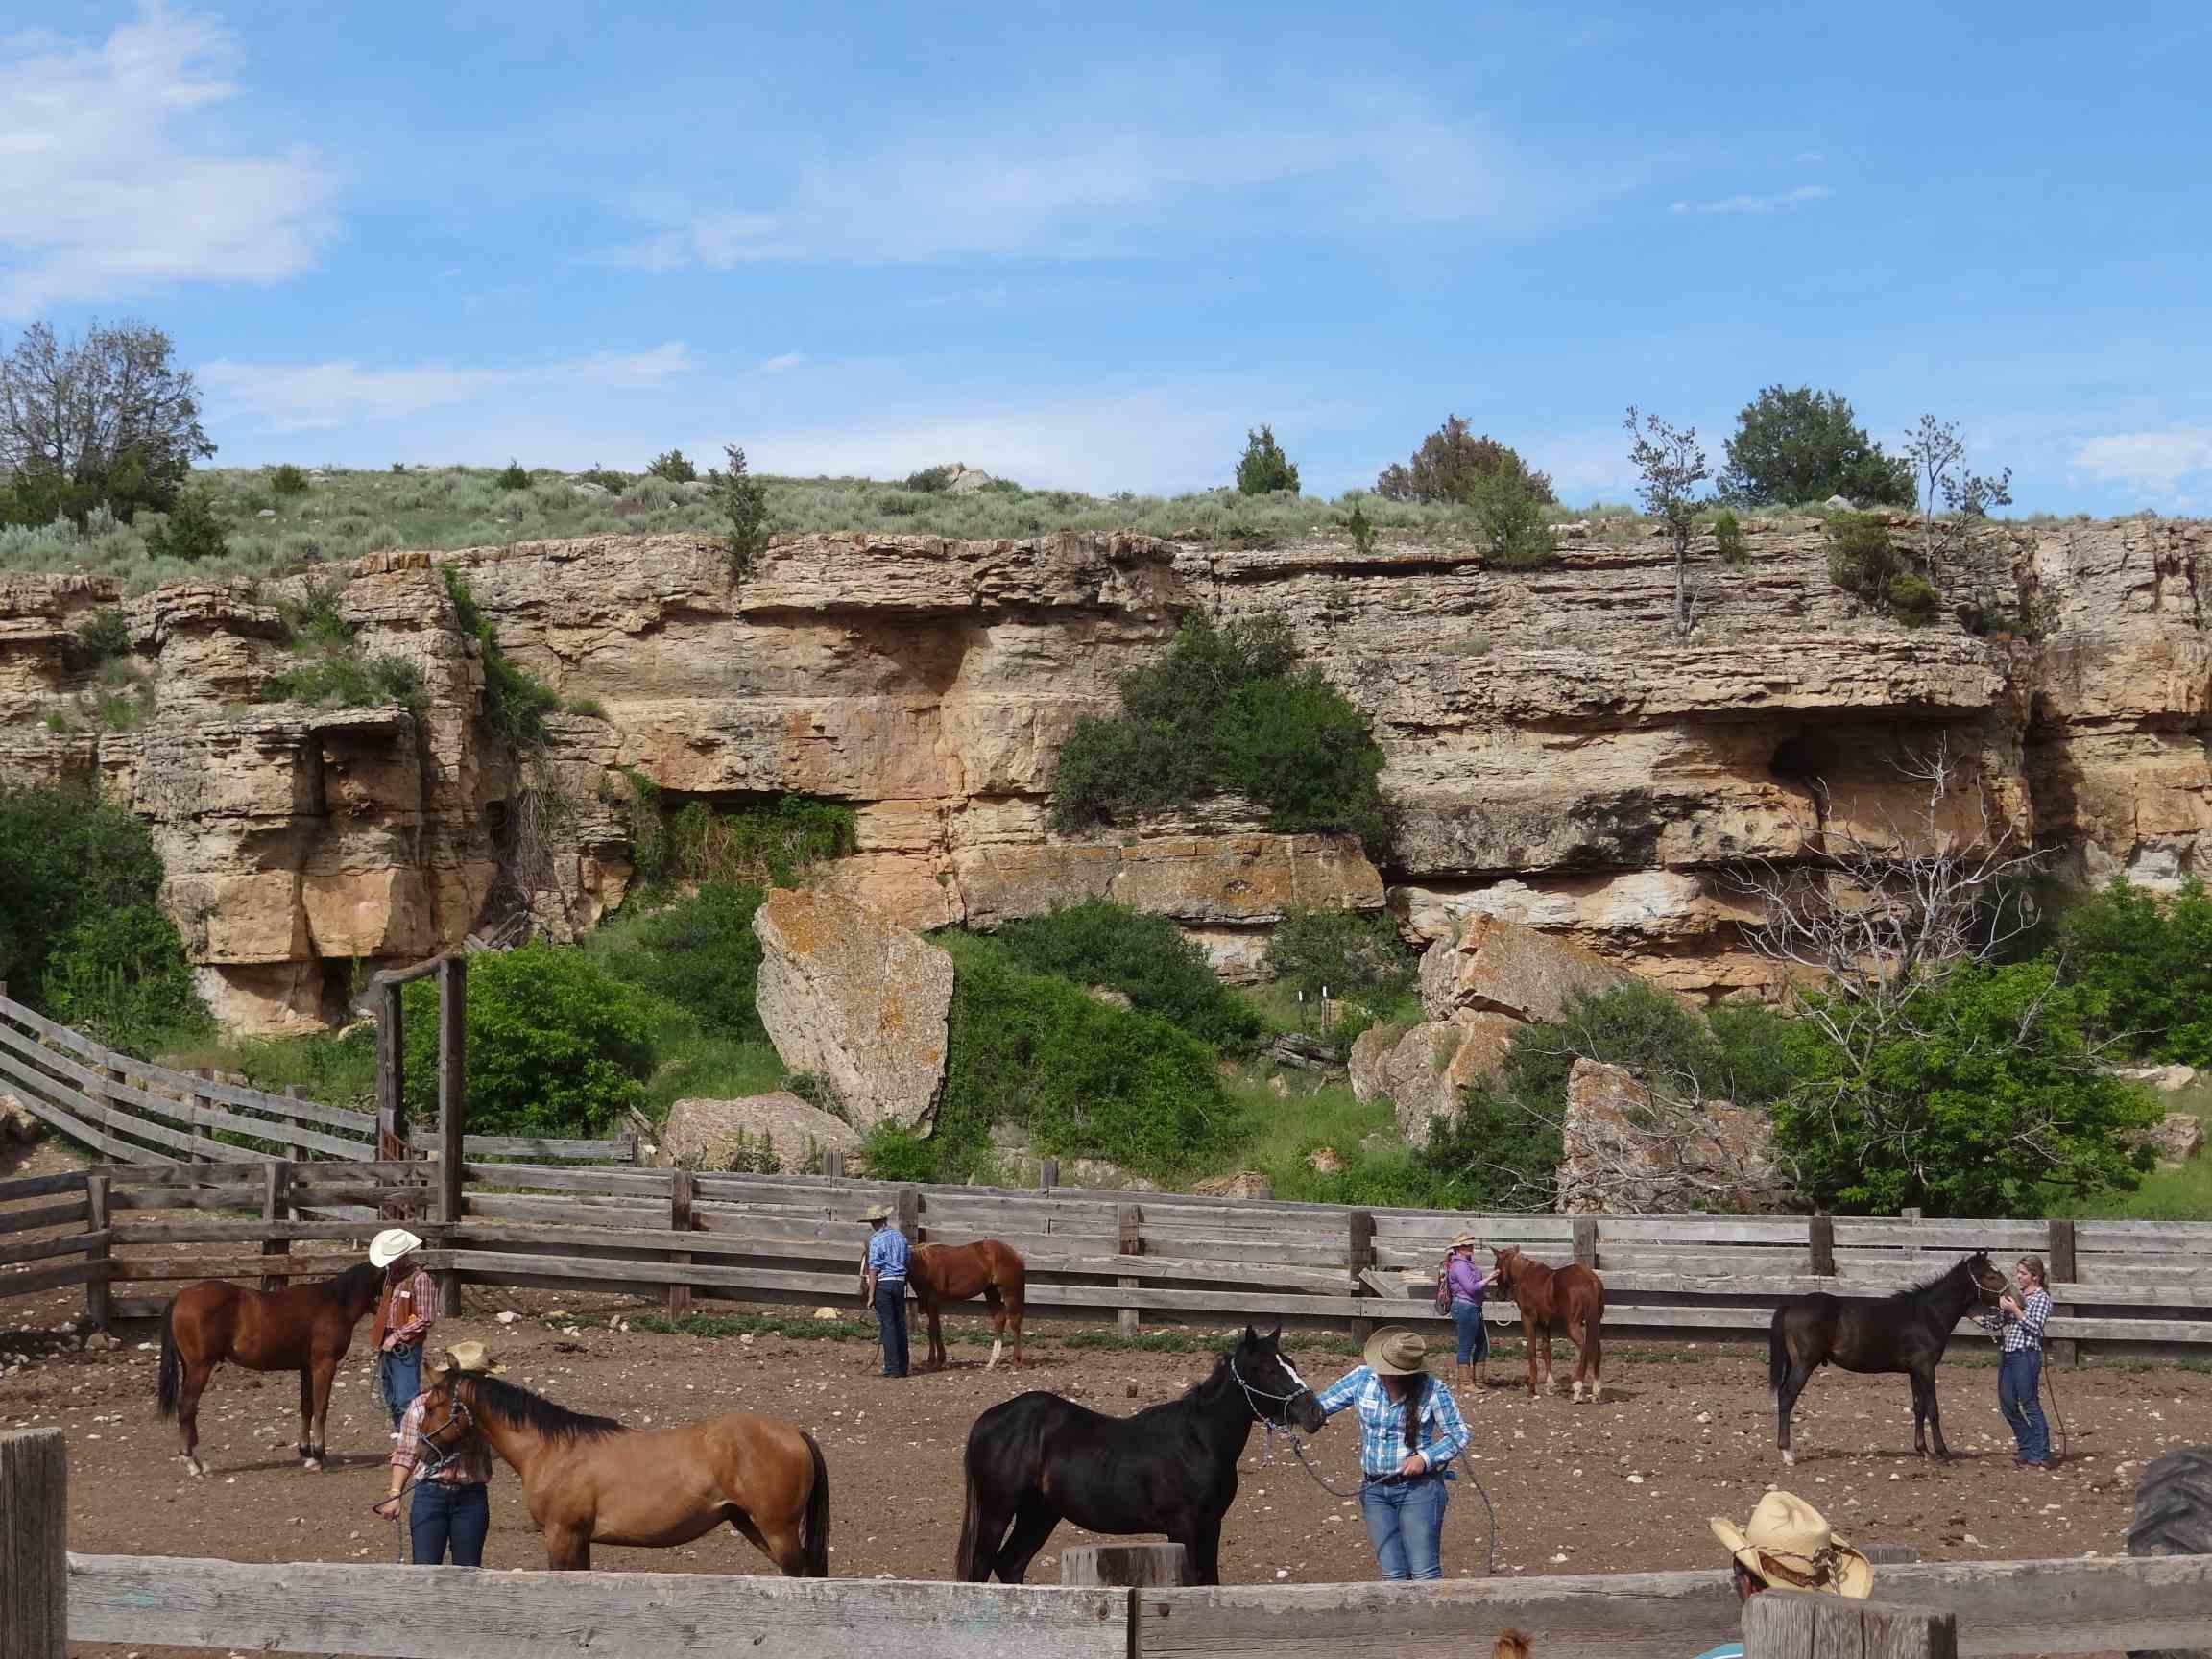 Dryhead Ranch